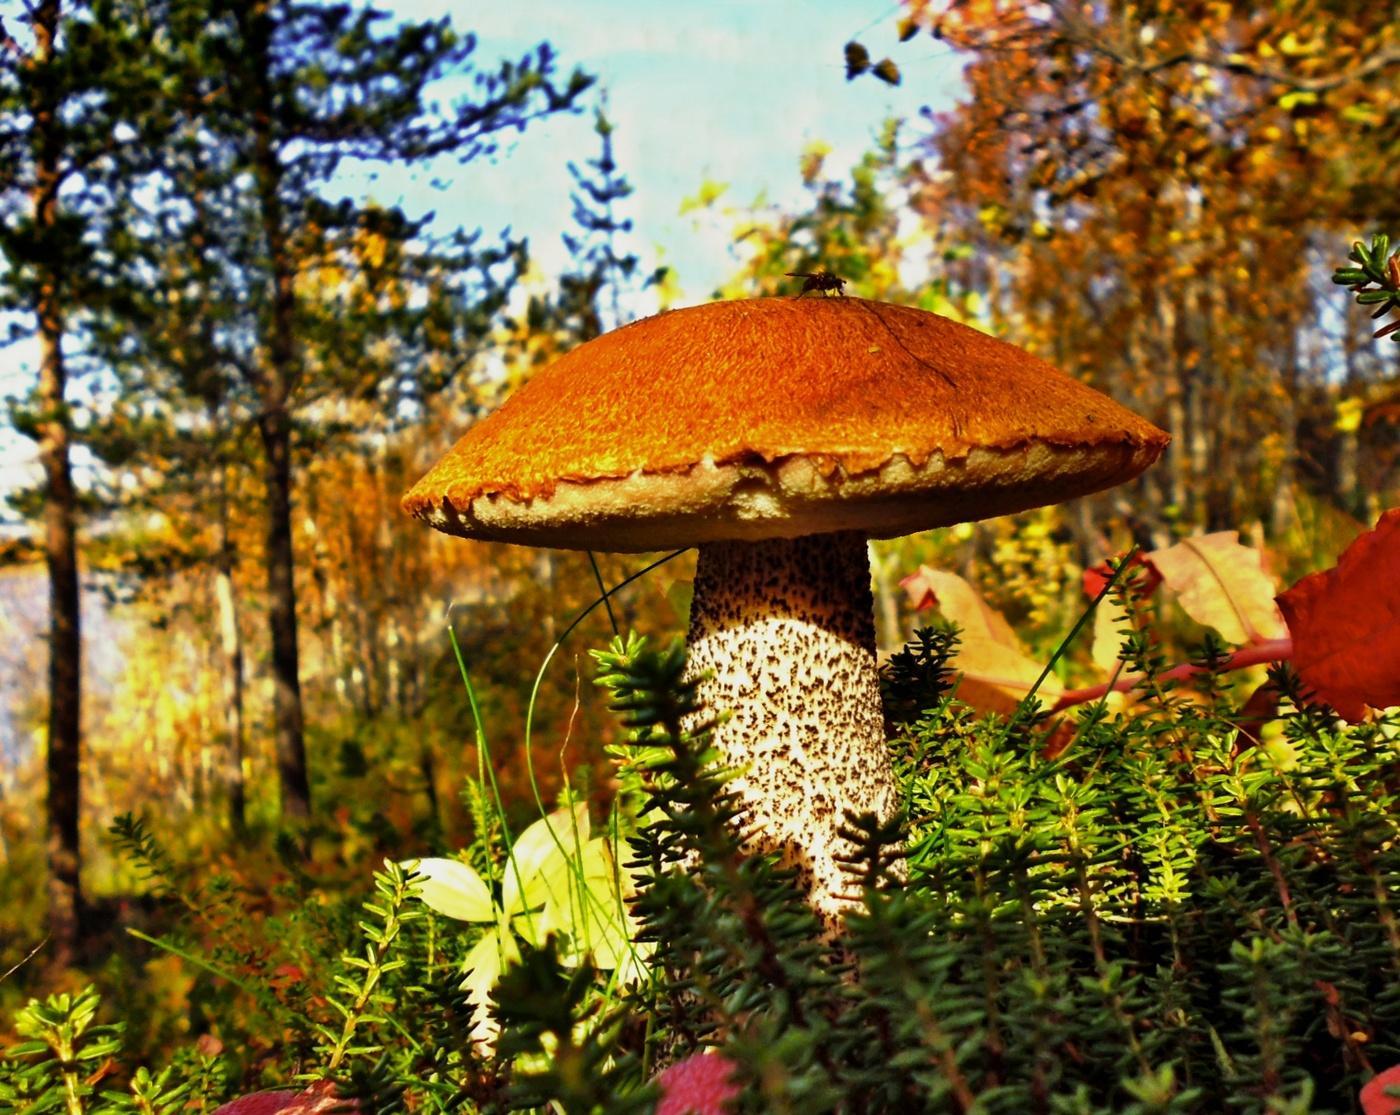 фото с грибами в лесу подосиновики еще, вам больше